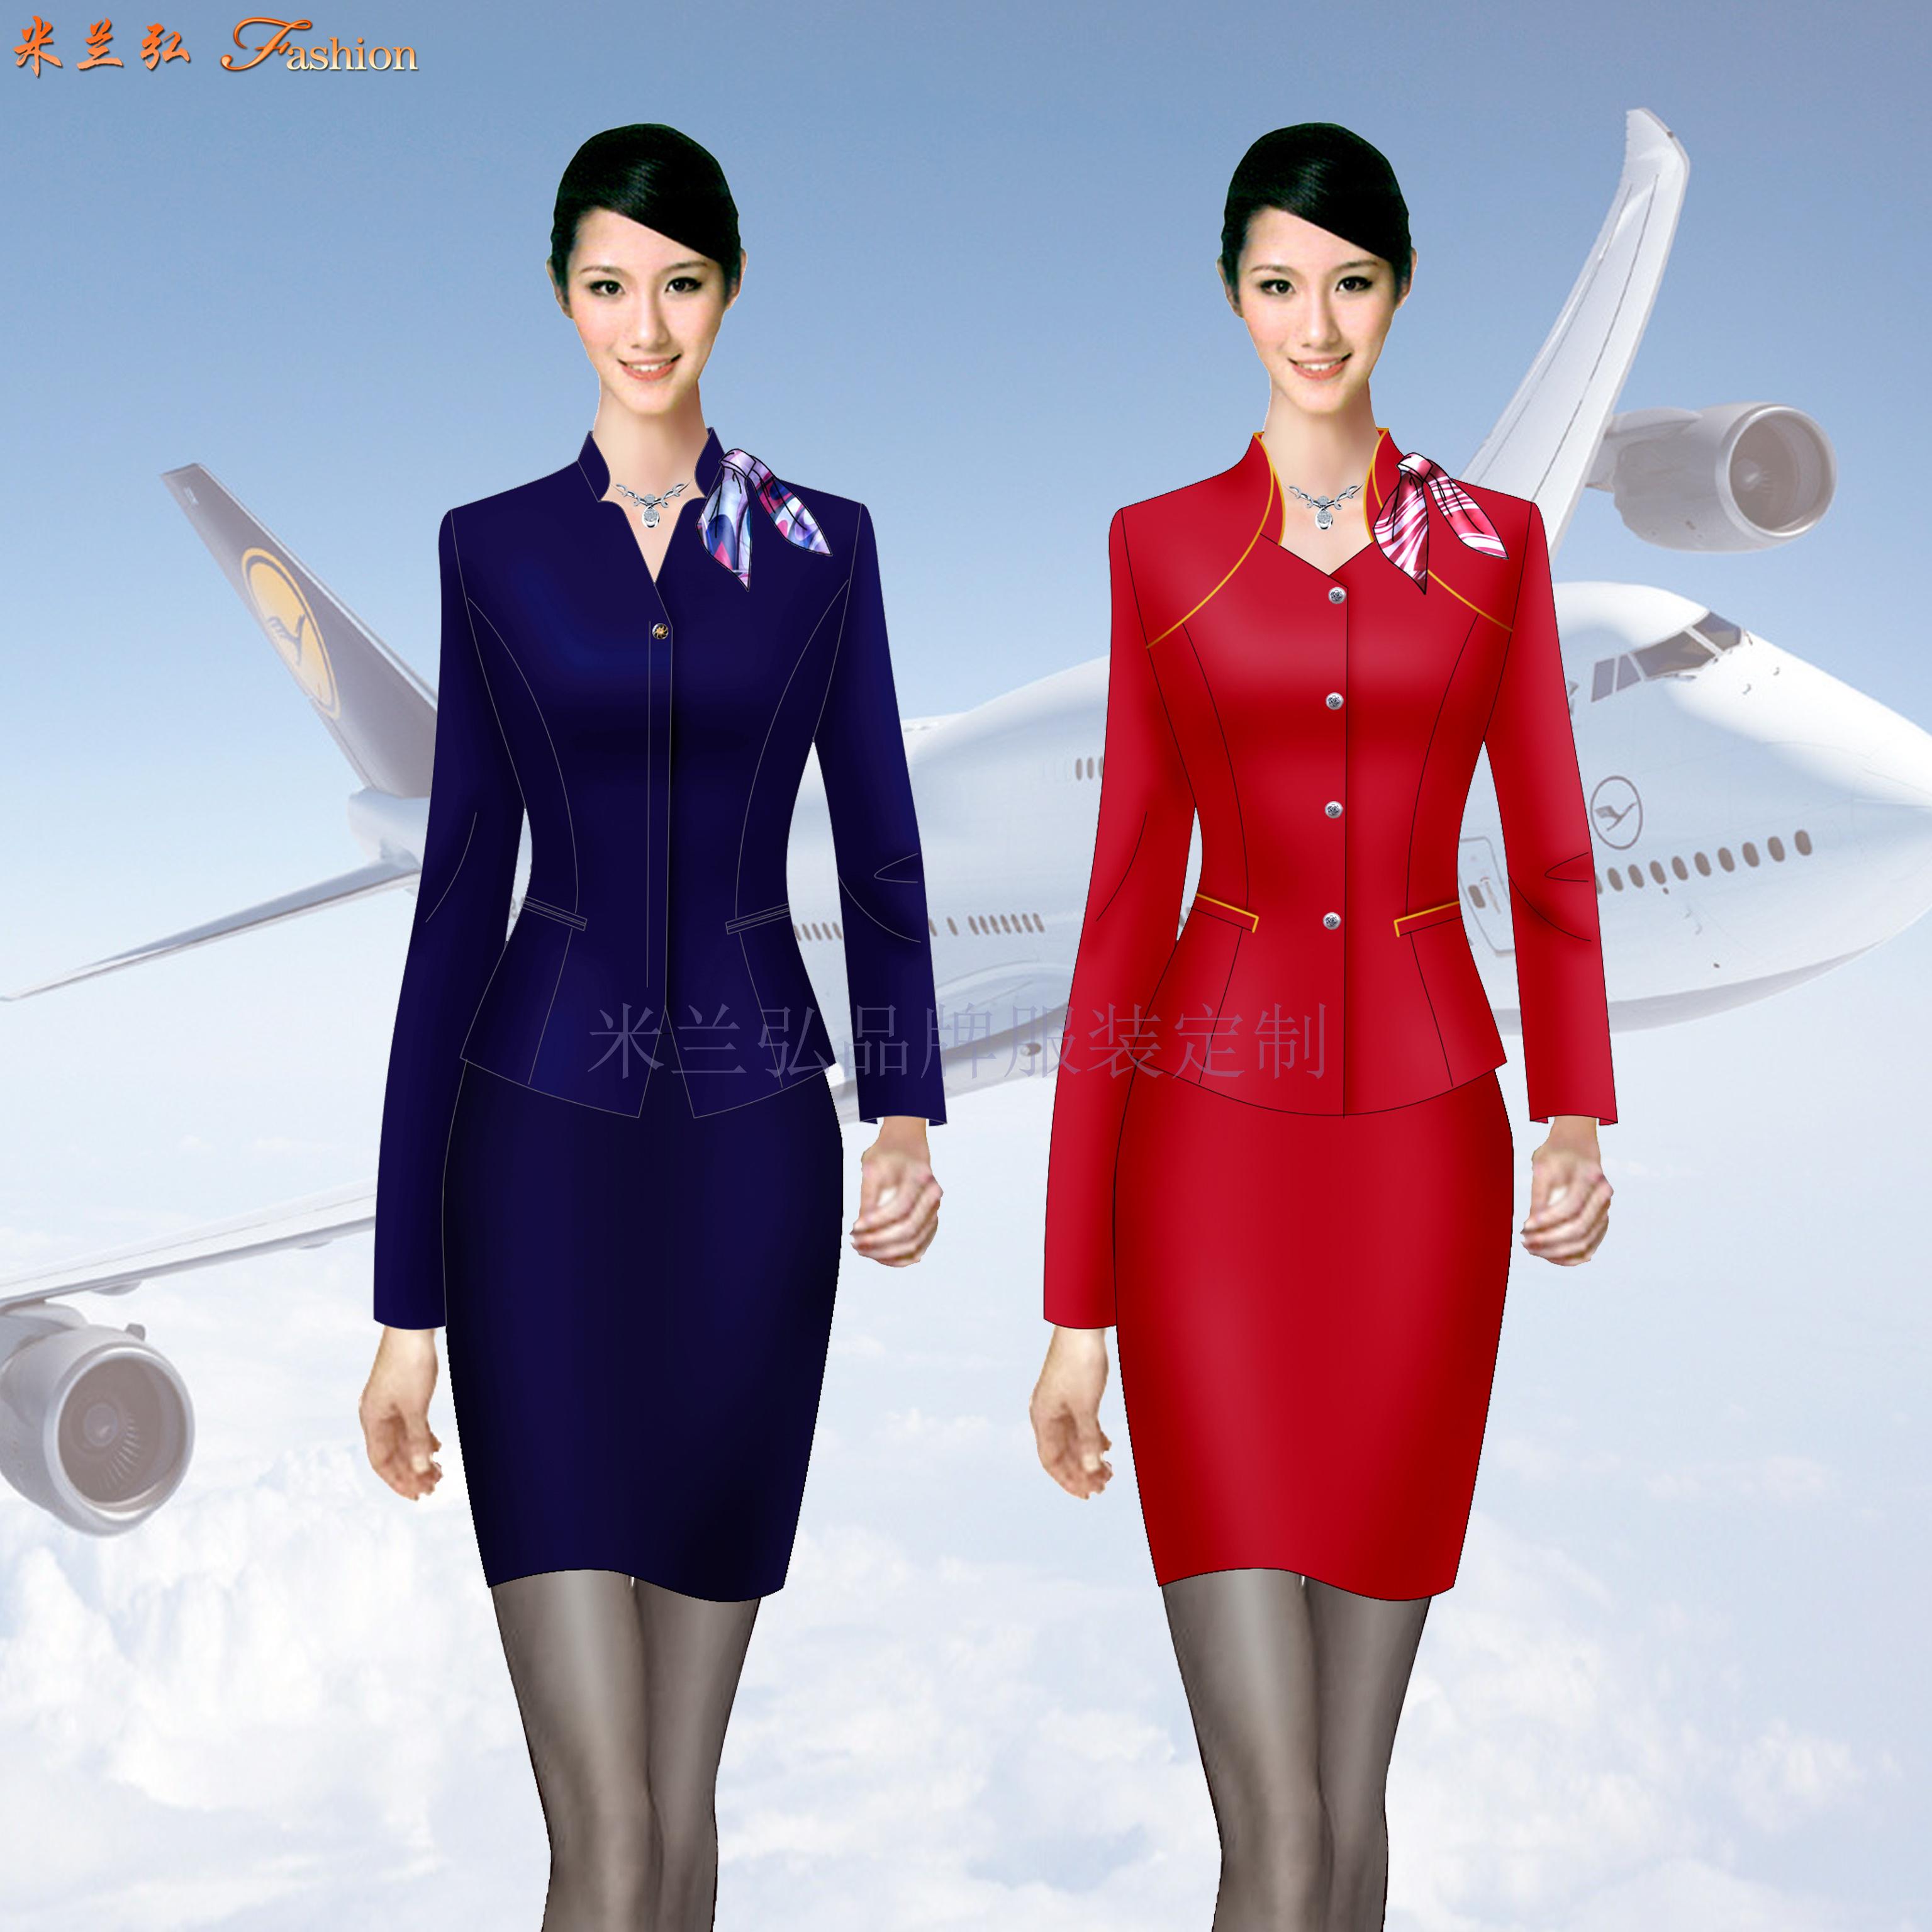 「航空服裝定制」「航空制服定做」「航空乘務服訂制」-2